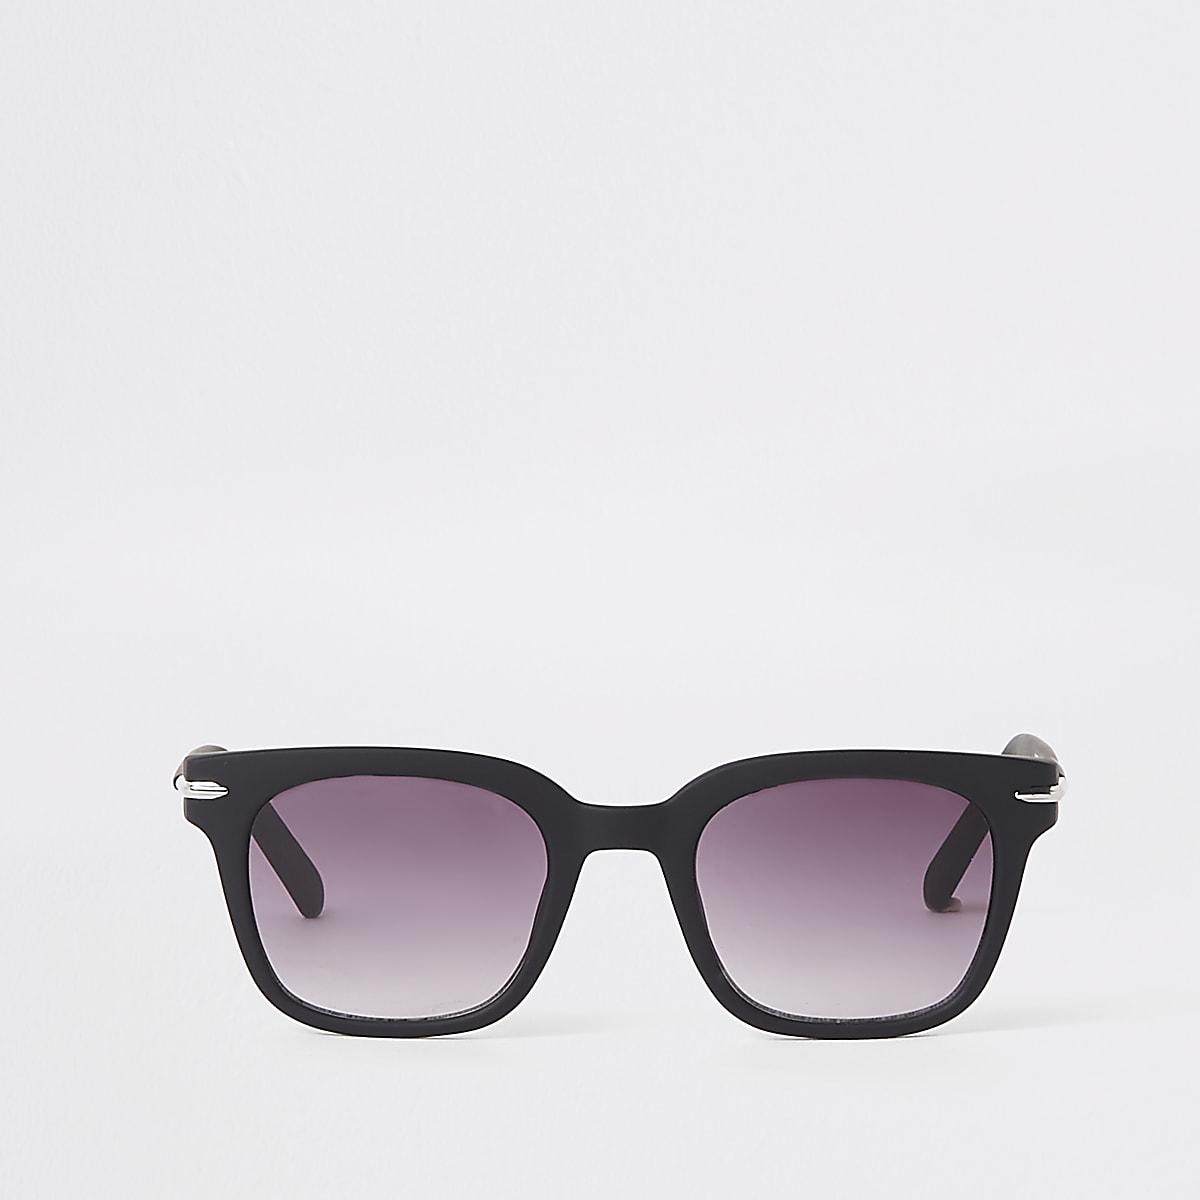 Black smoke lens slim retro square sunglasses